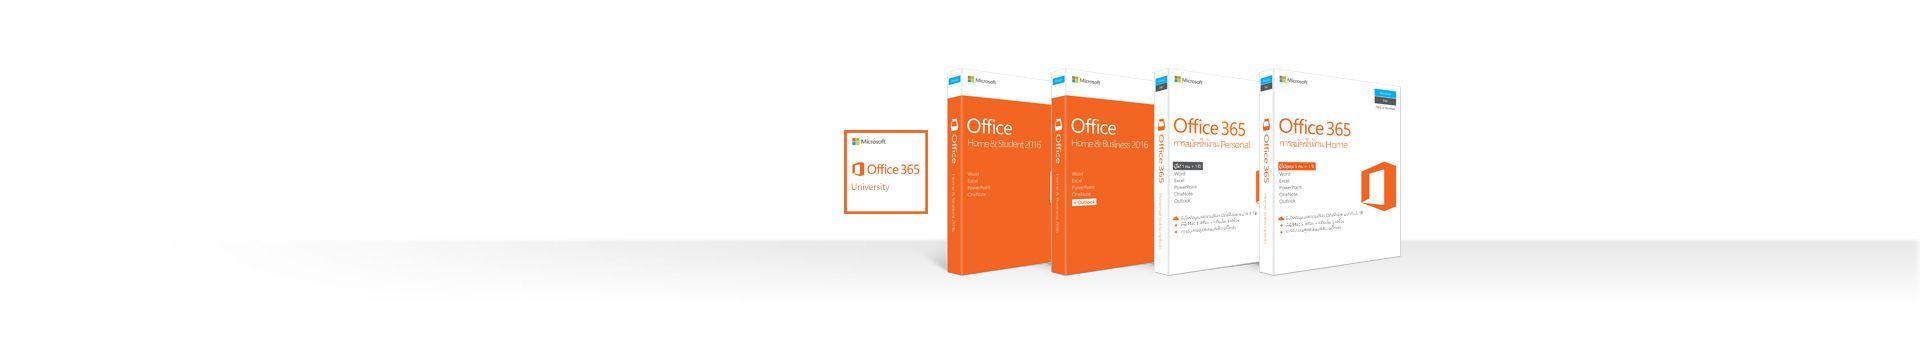 แถวของกล่องแสดงการสมัครใช้งาน Office และผลิตภัณฑ์แบบสแตนด์อโลนสำหรับ Mac